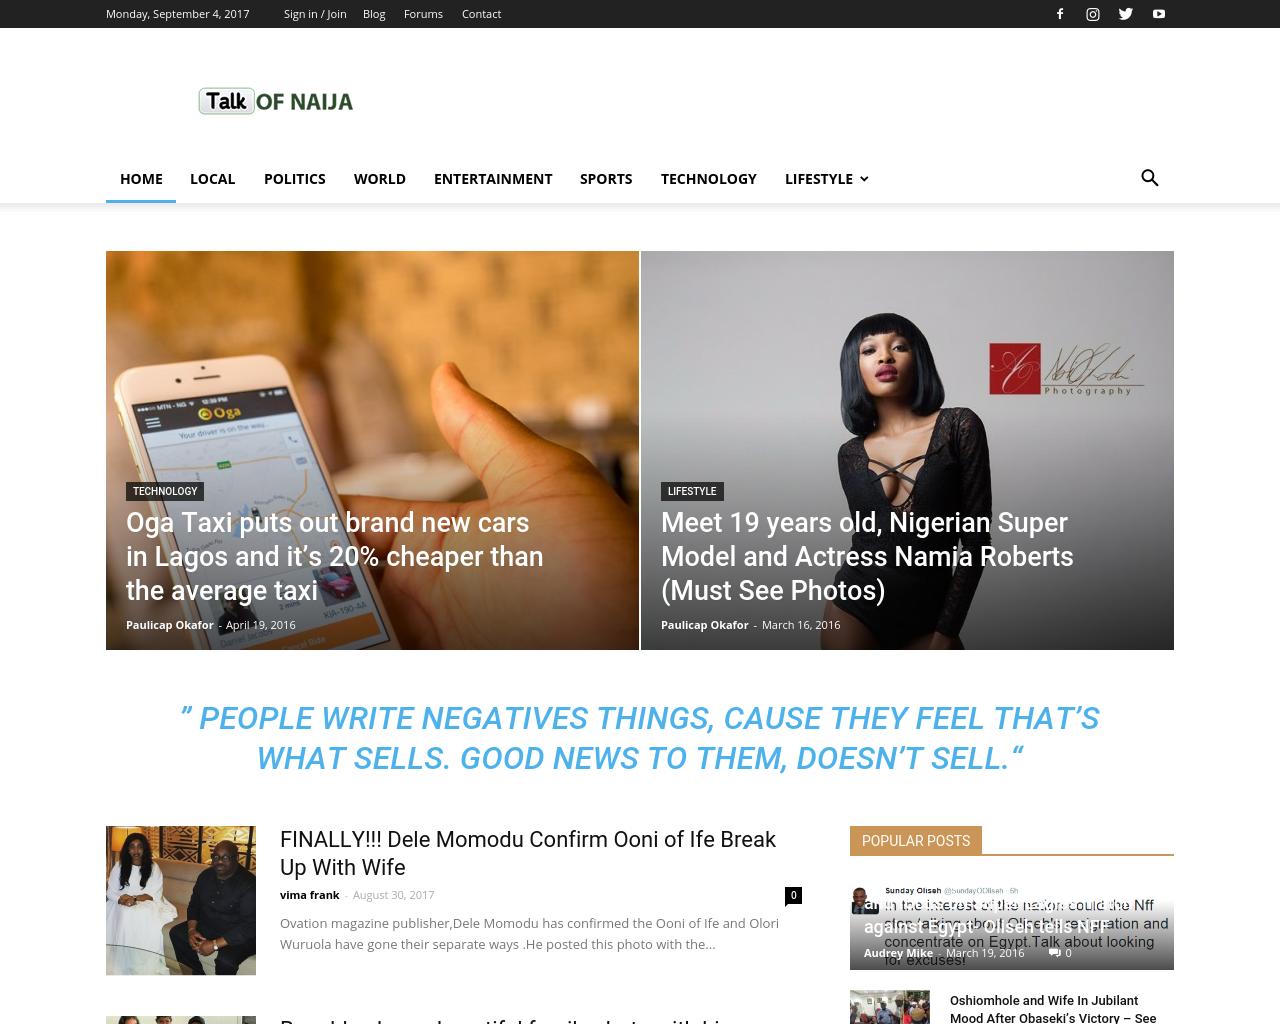 Talk-of-Naija-Advertising-Reviews-Pricing